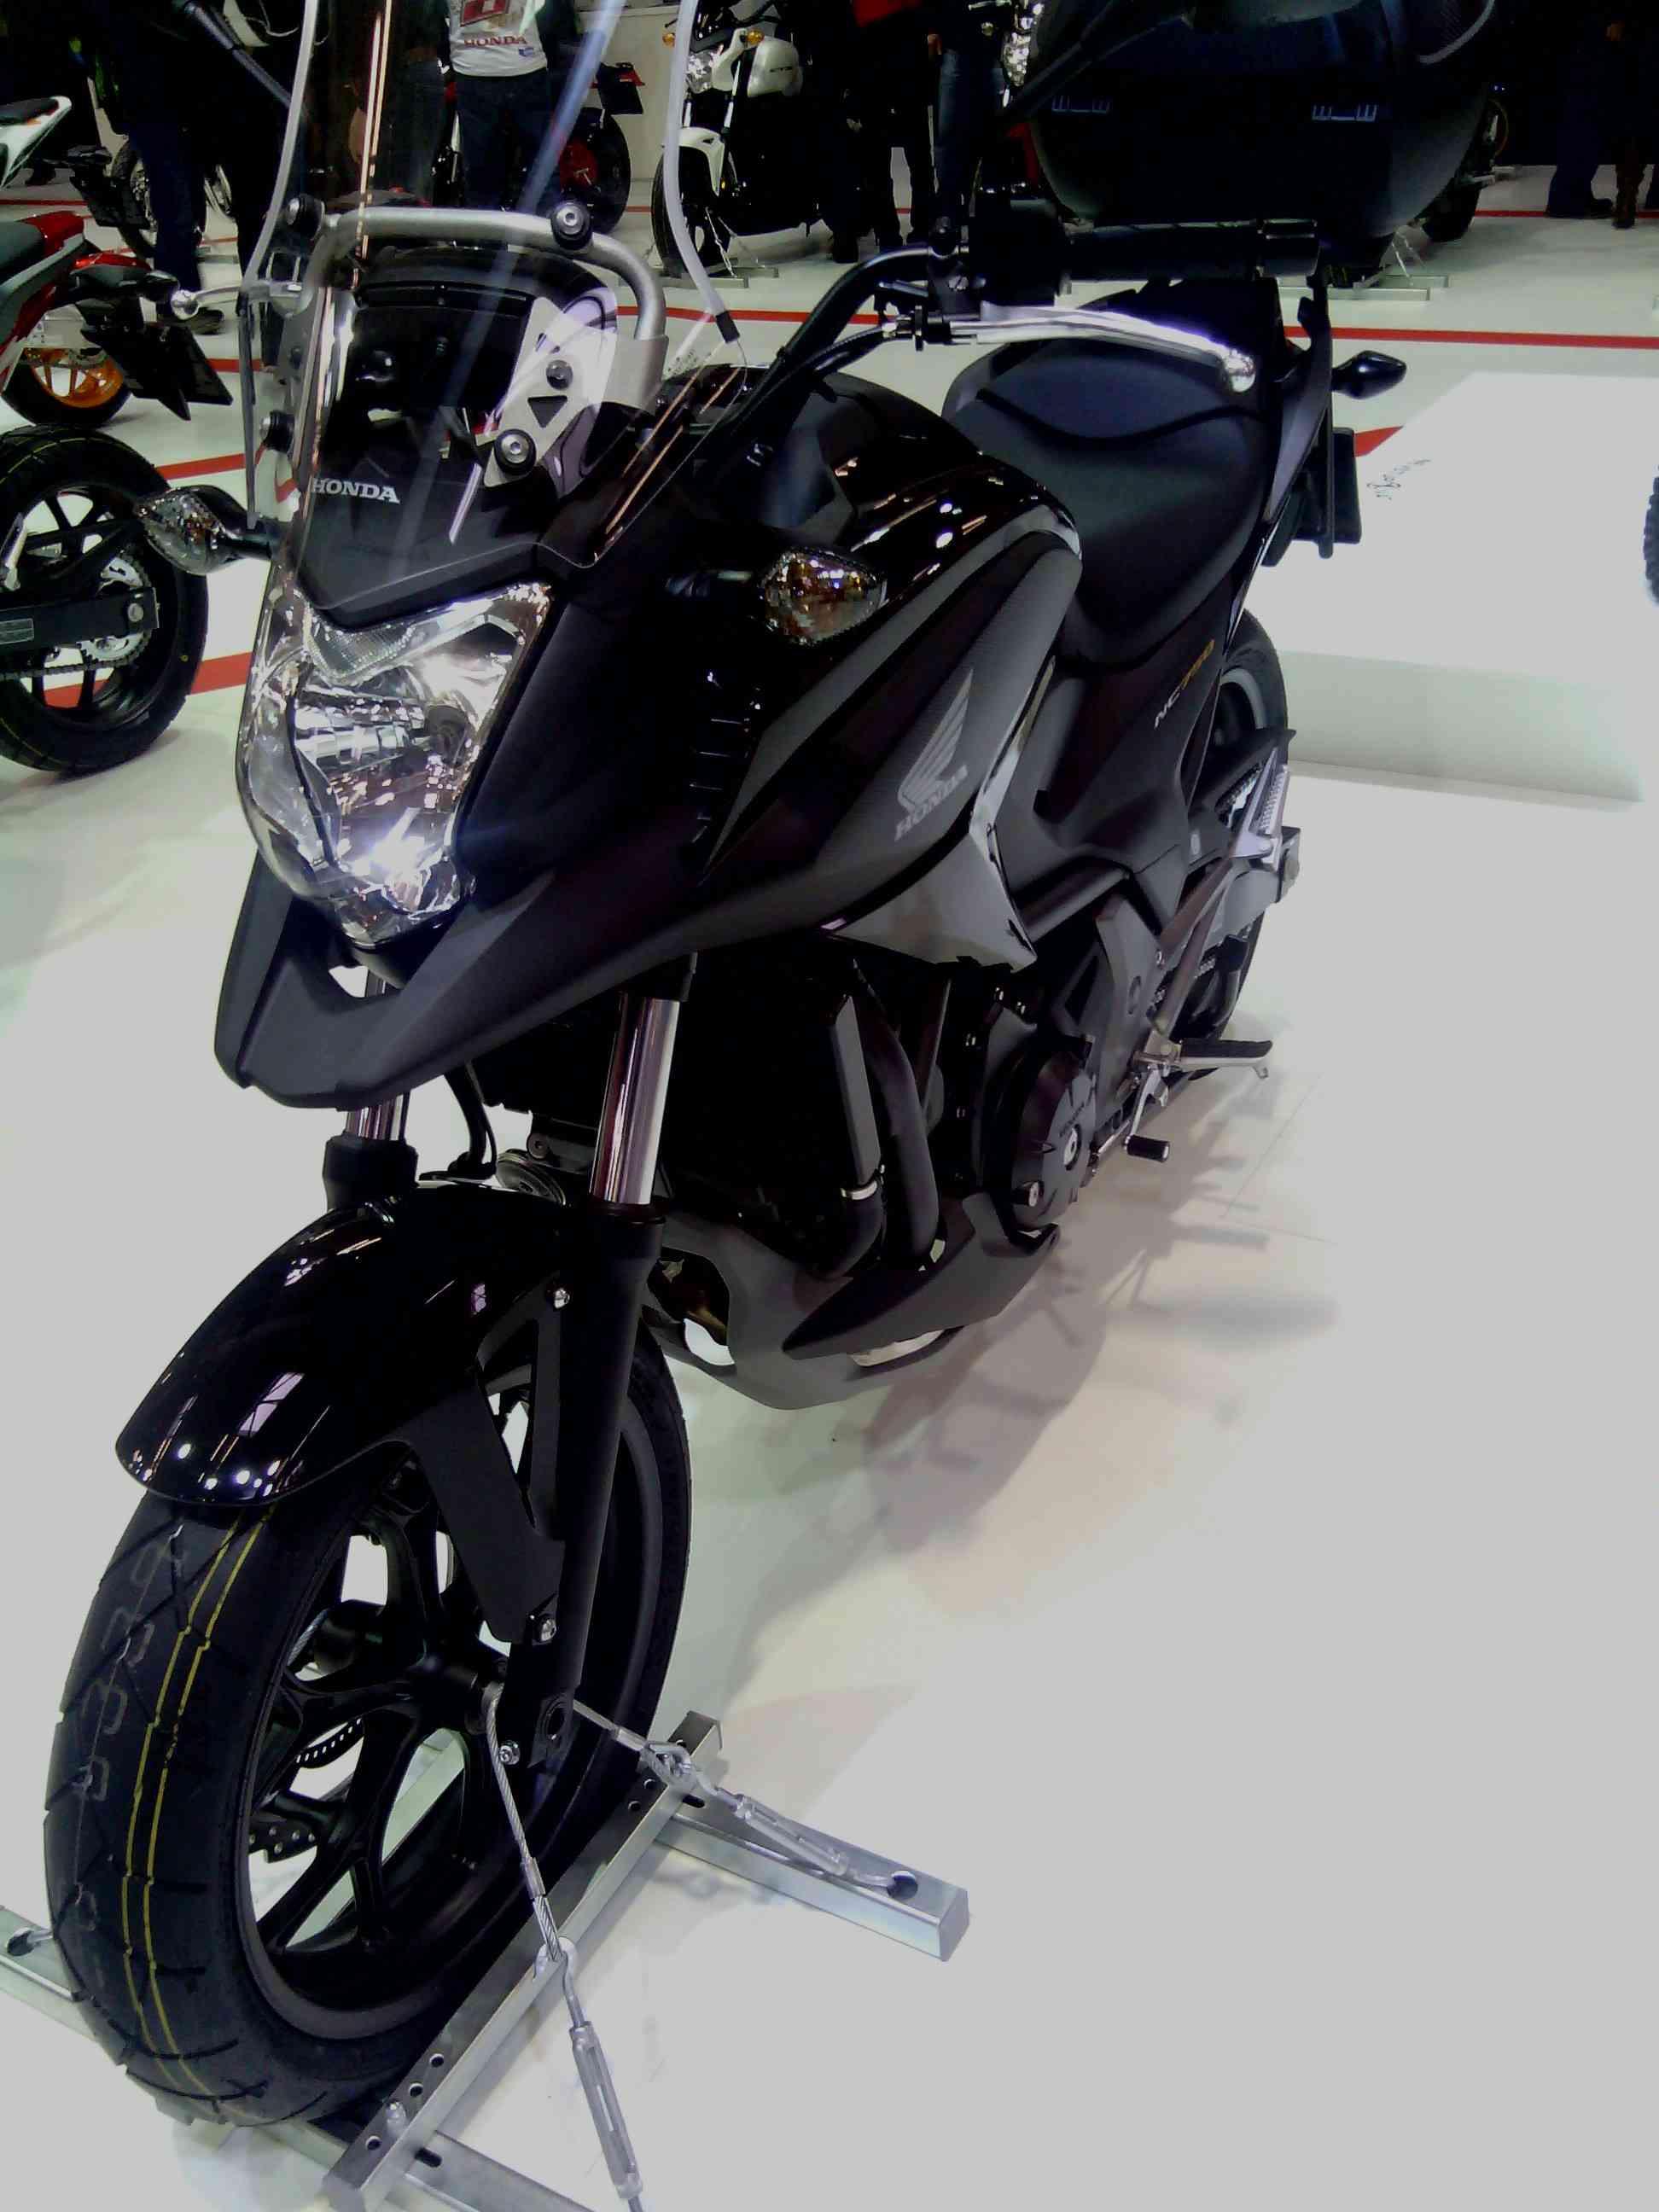 Έκθεση μοτοσυκλέτας 2015 στην Μπρατισλάβα Img_2023